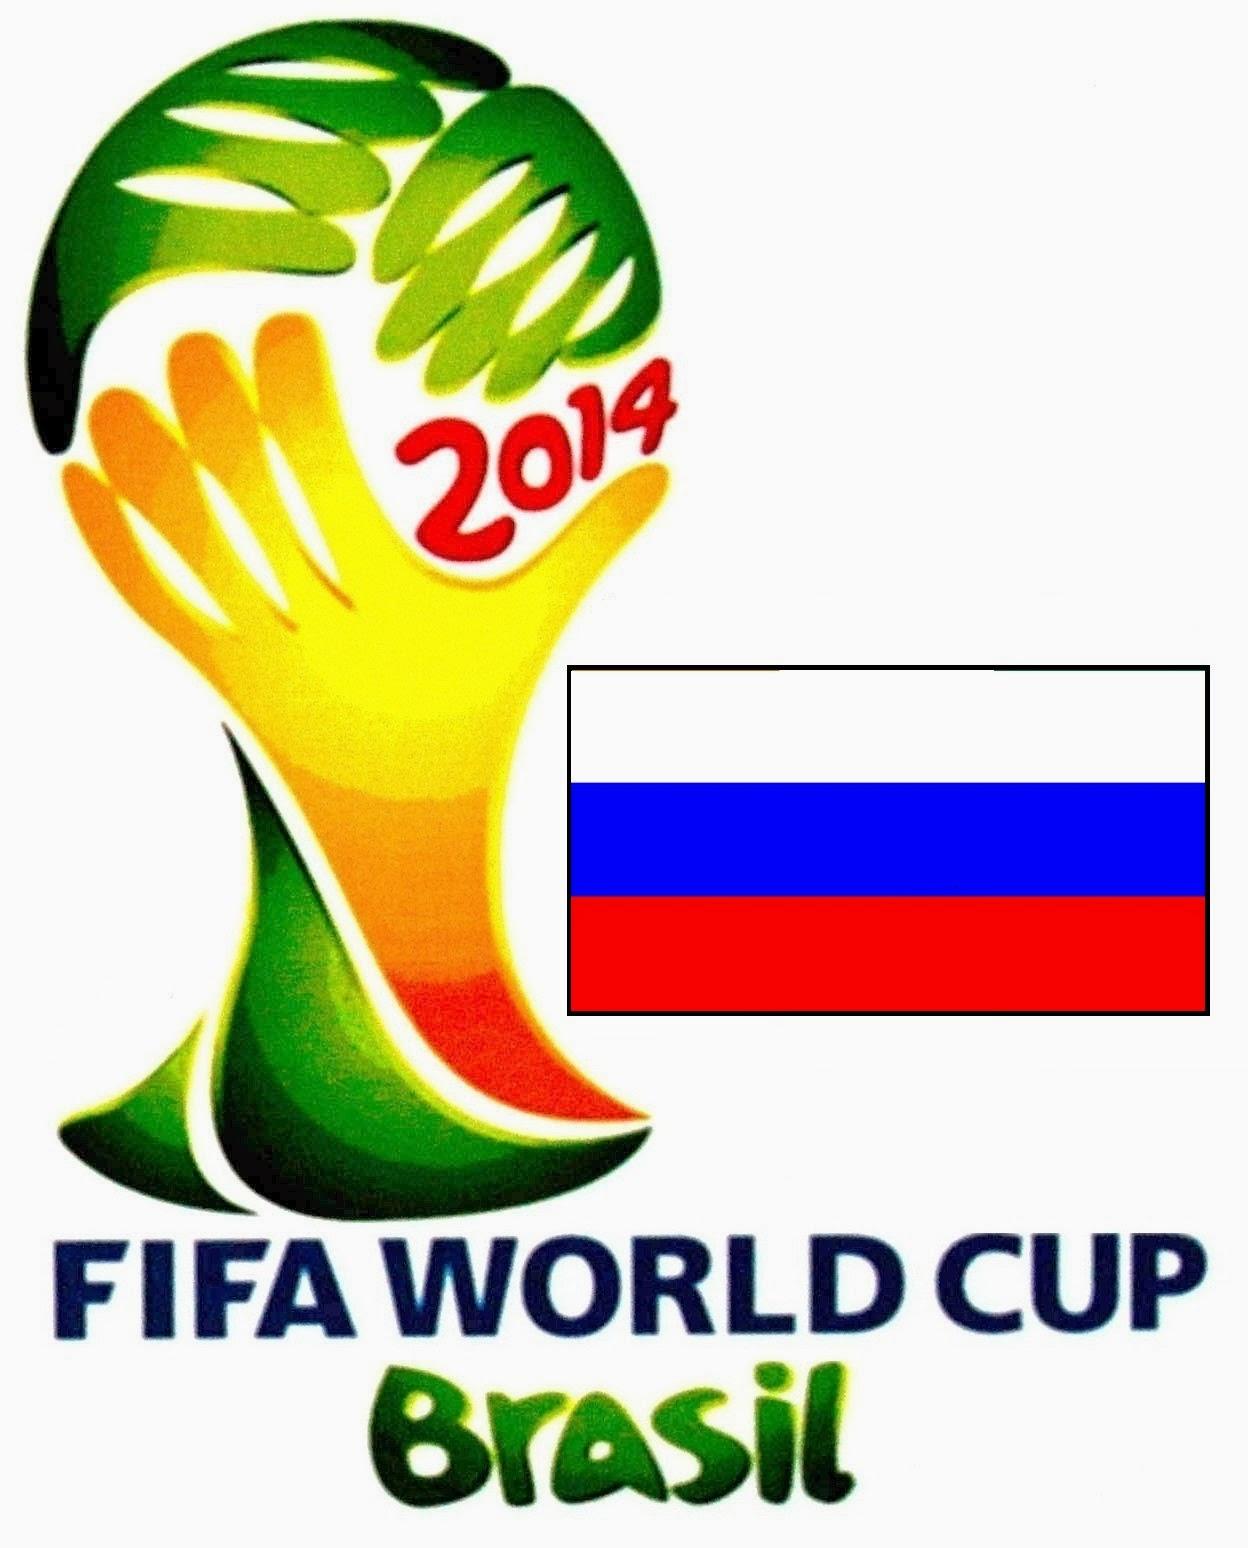 Daftar Nama Pemain Timnas Rusia Piala Dunia 2014